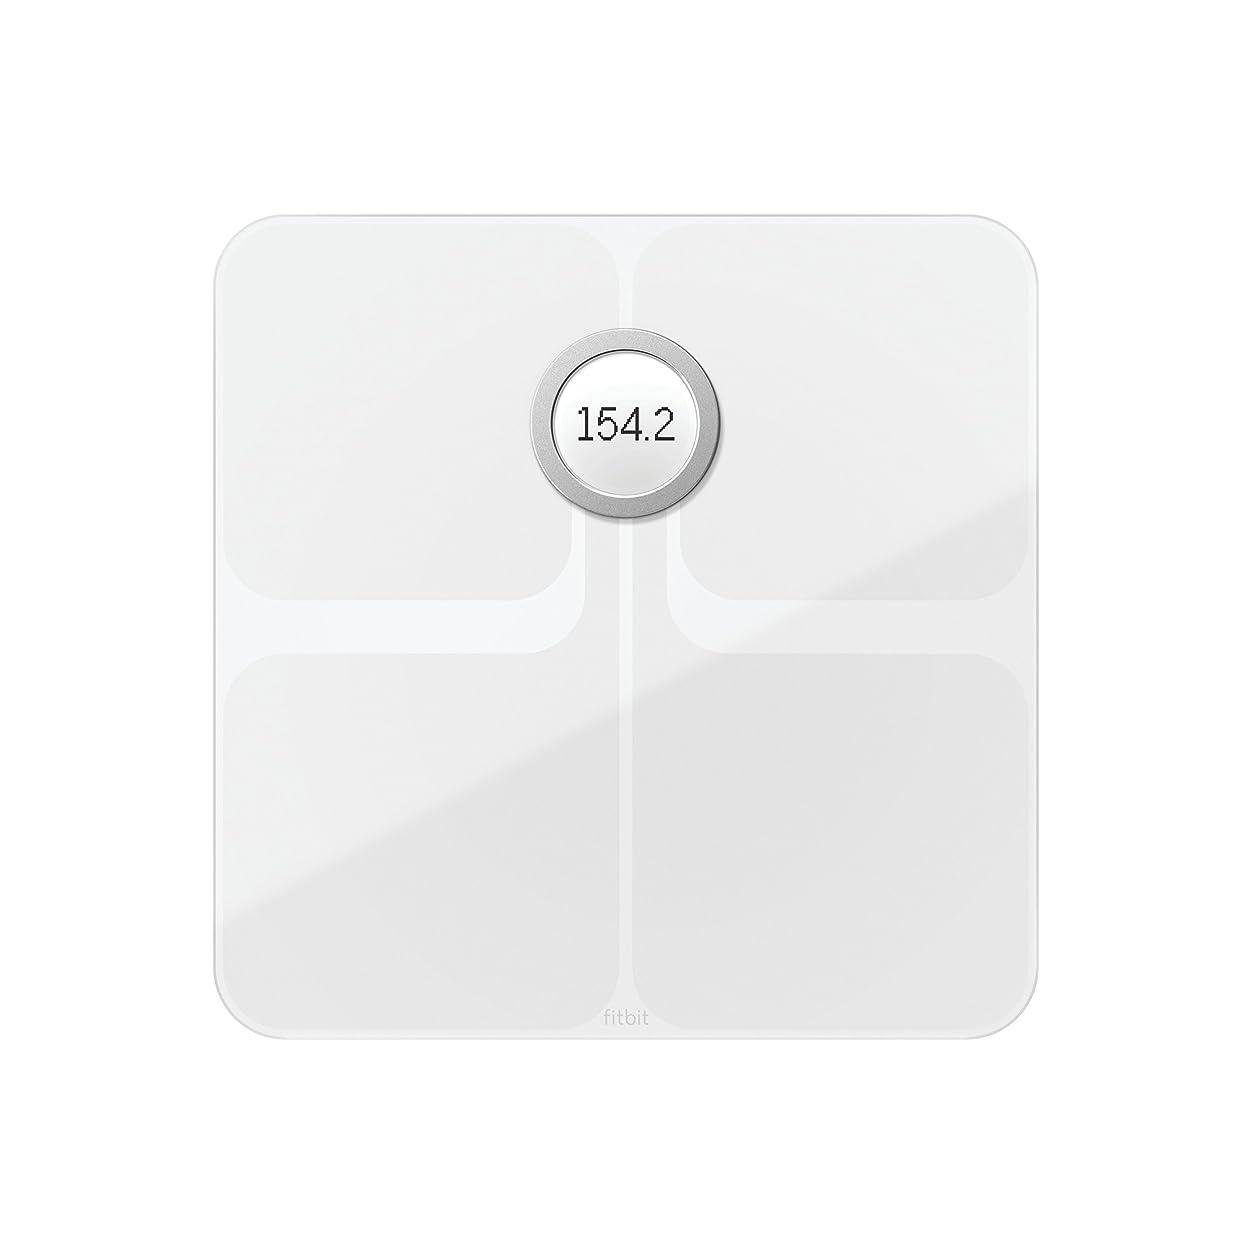 有効化本気暖かくFitbit(フィットビット) Aria 2 Wi-fi/Bluetooth スマートスケール 多機能 体重計 (White)